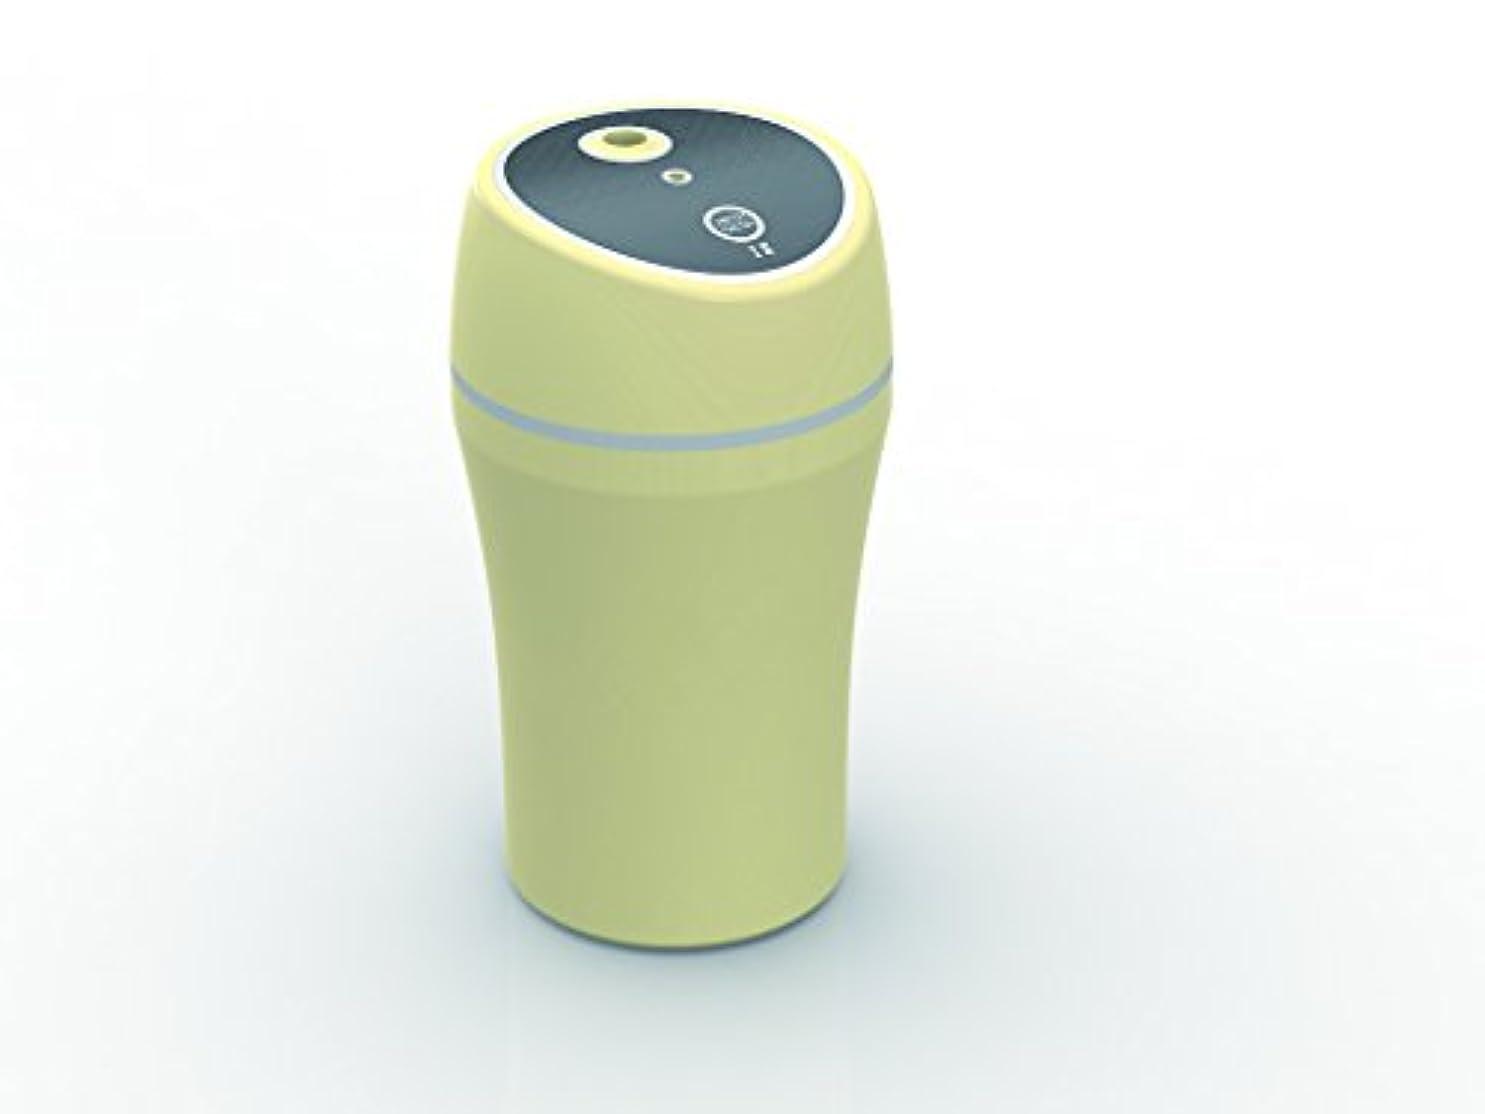 アーサーコナンドイル配当ループKEIYO 車でもオフィスでも自宅でも!DC/USB 2WAY対応 超音波式 USBミニ加湿器 AN-S014 ROOM&CAR アロマディフューザー 車載用加湿器 ドリンクホルダー収納タイプ 超音波式加湿器 (ベージュ)